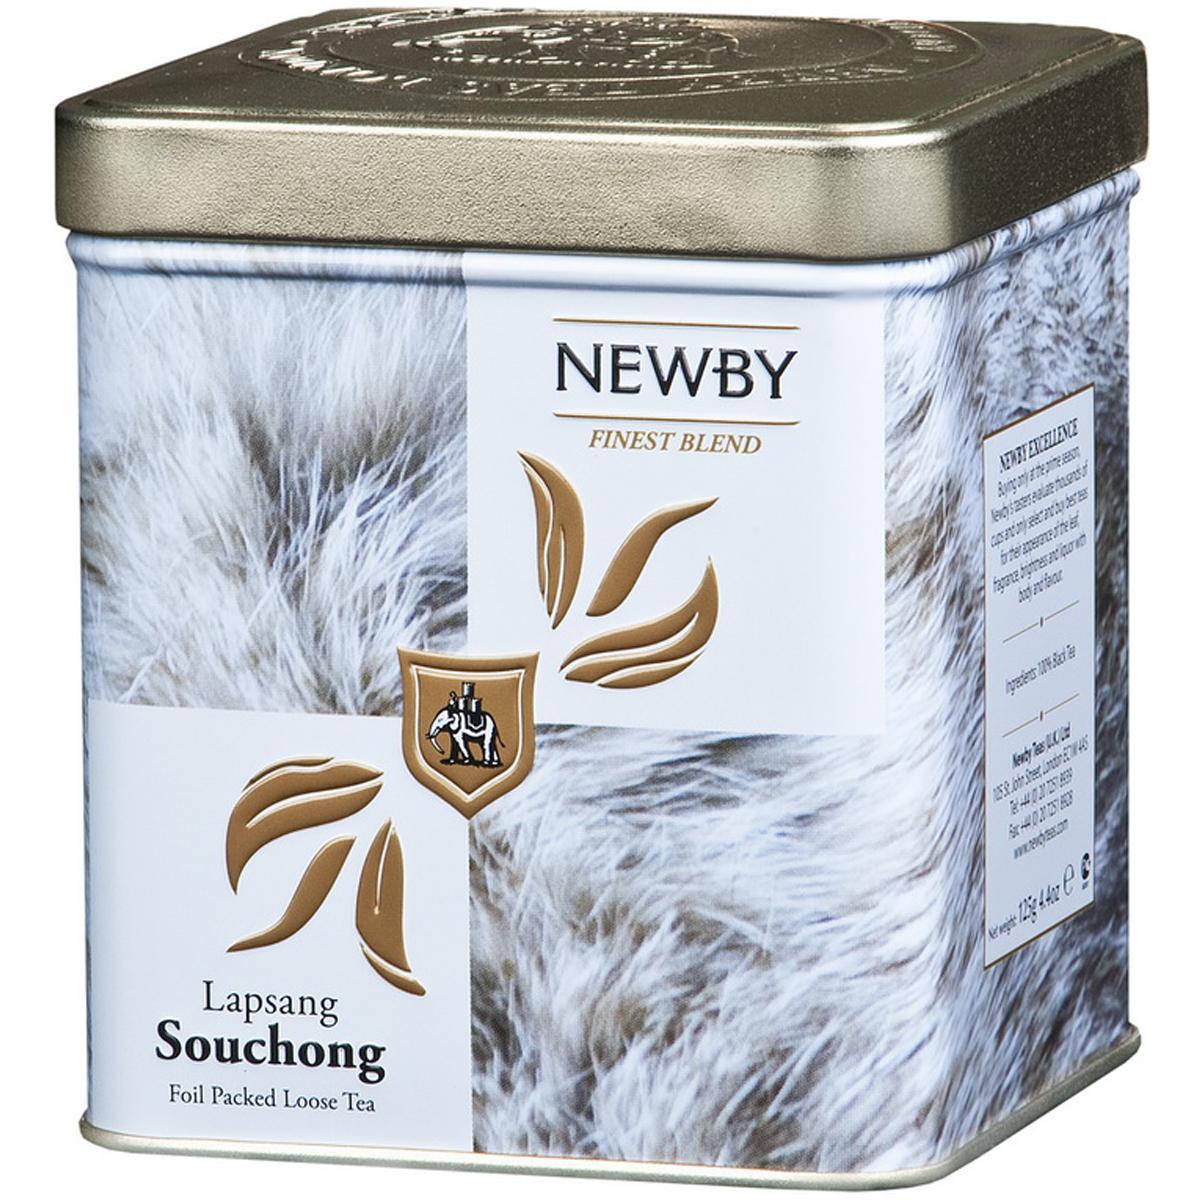 Newby Lapsang Souchong Safari черный листовой чай с ароматом дыма, 125 г newby chi chi sencha зеленый листовой чай 125 г